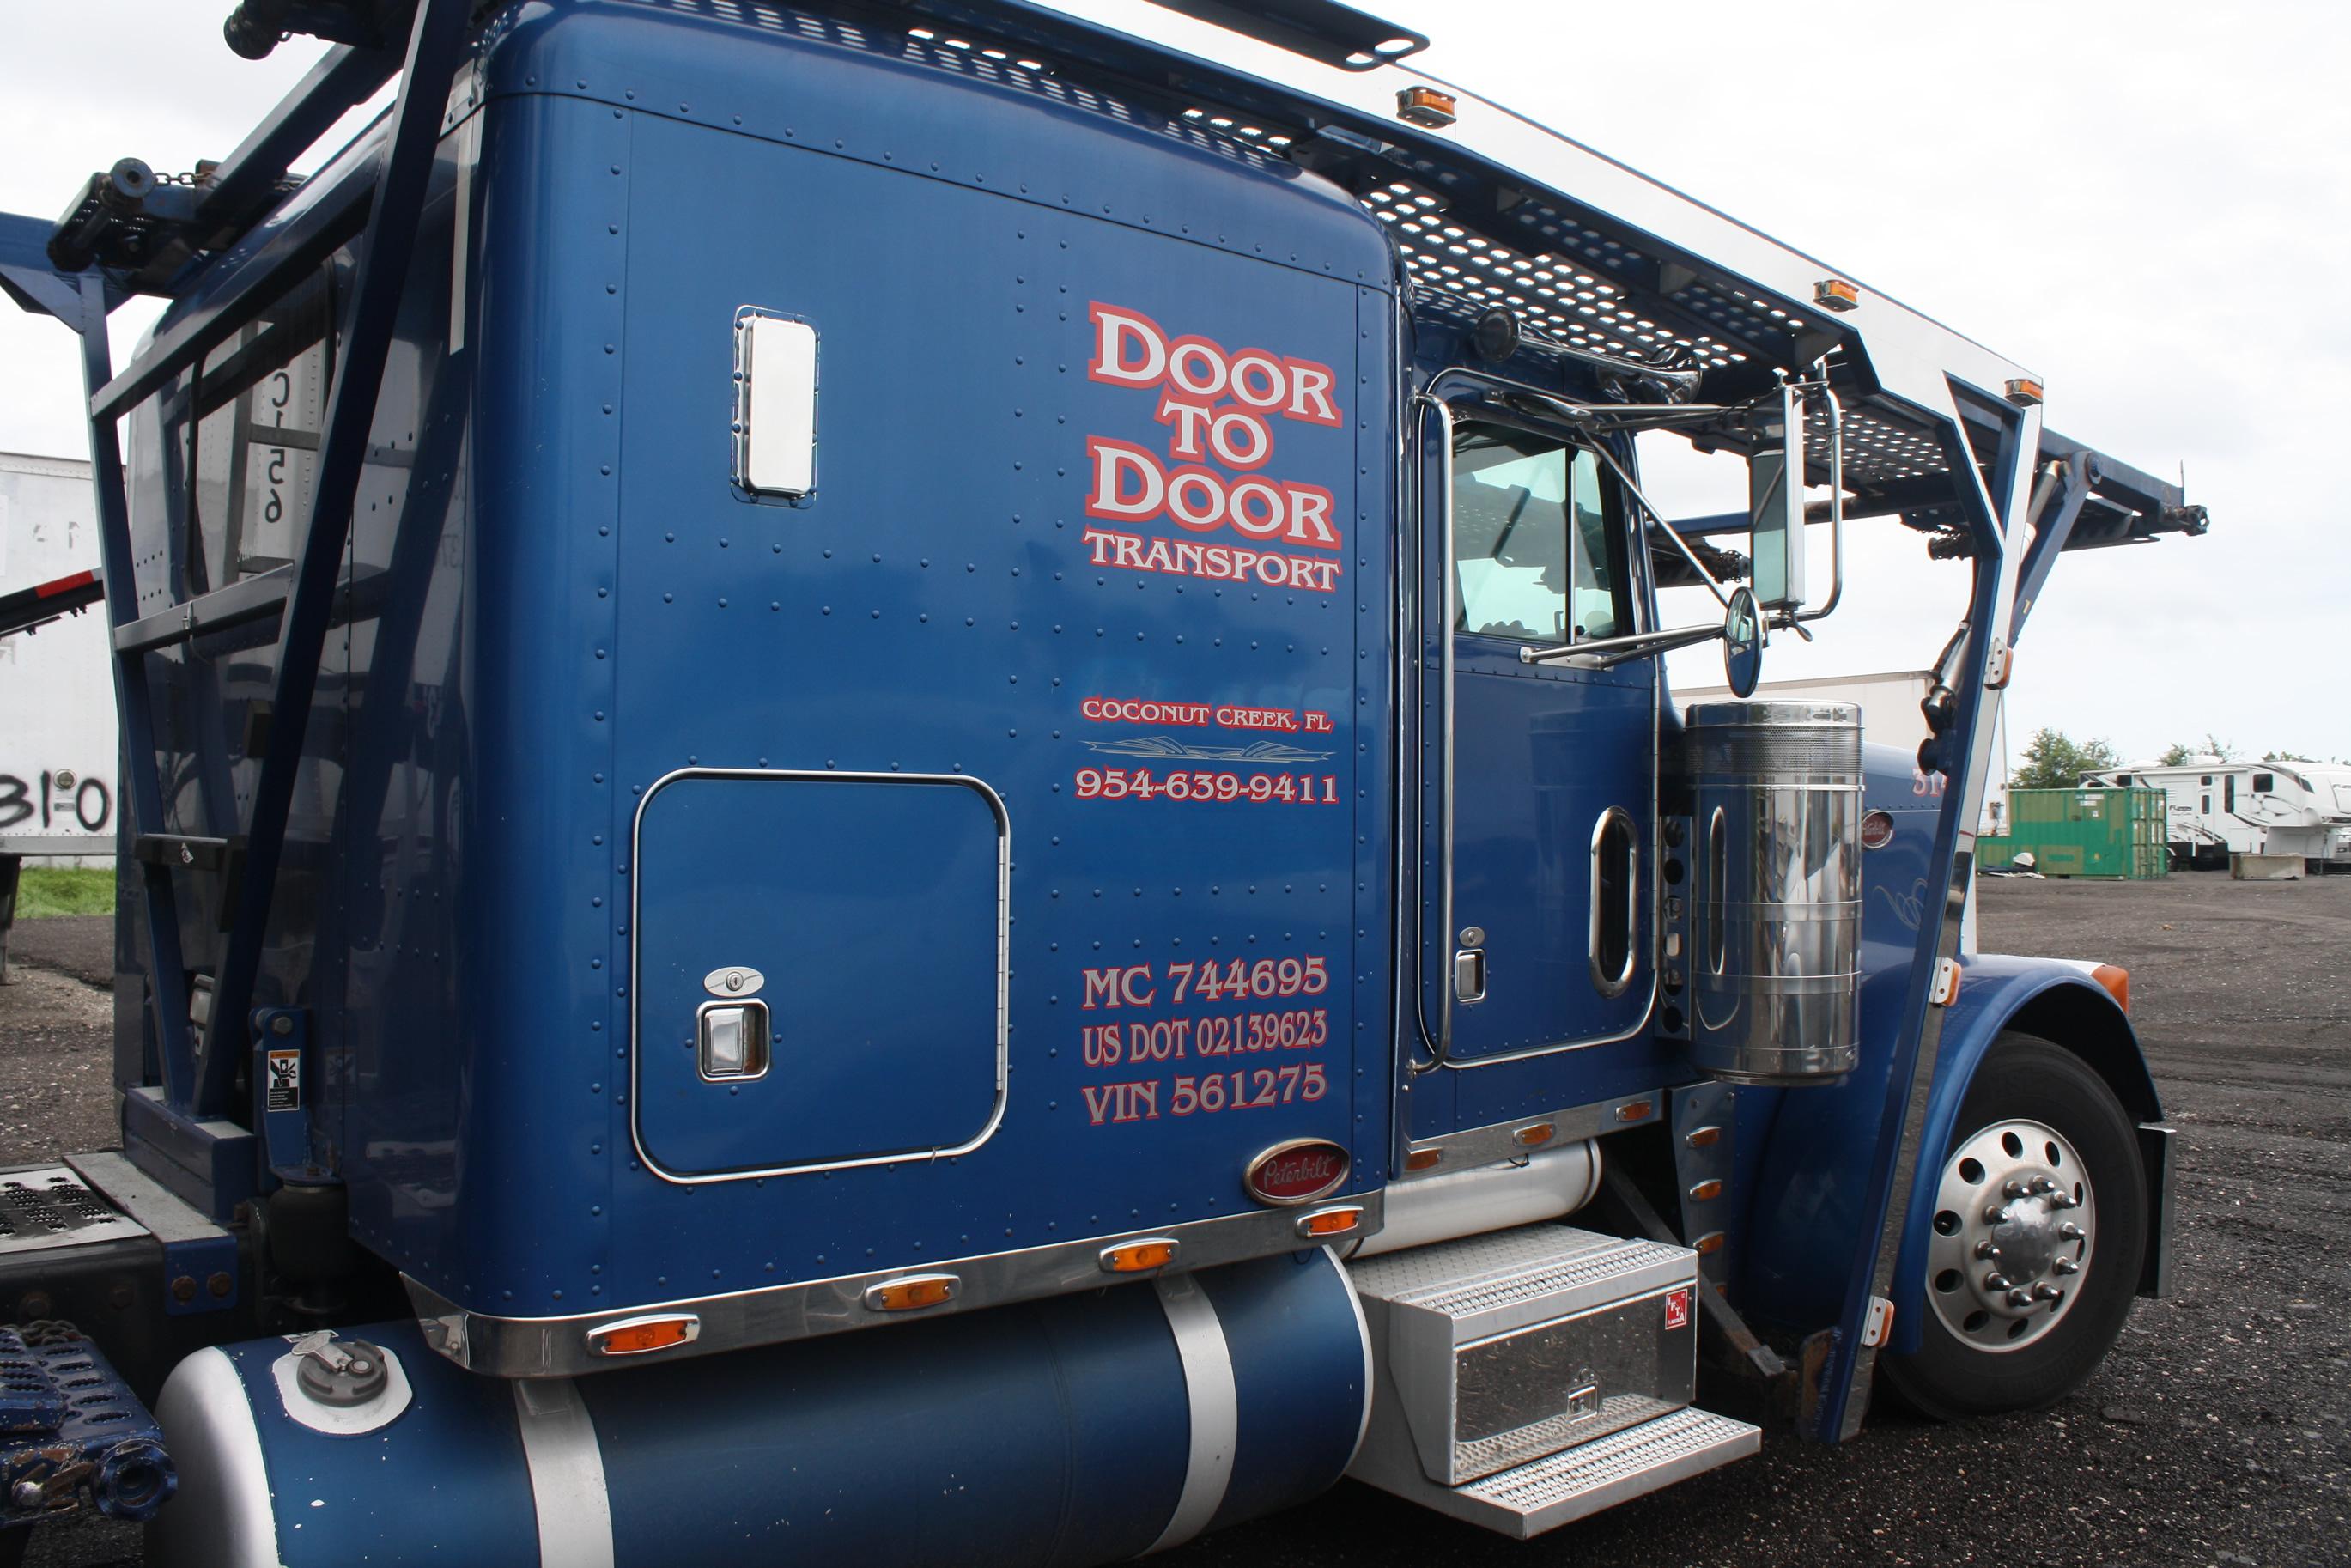 Enclosed motorcycle transport vs open trailers for Door to door transport